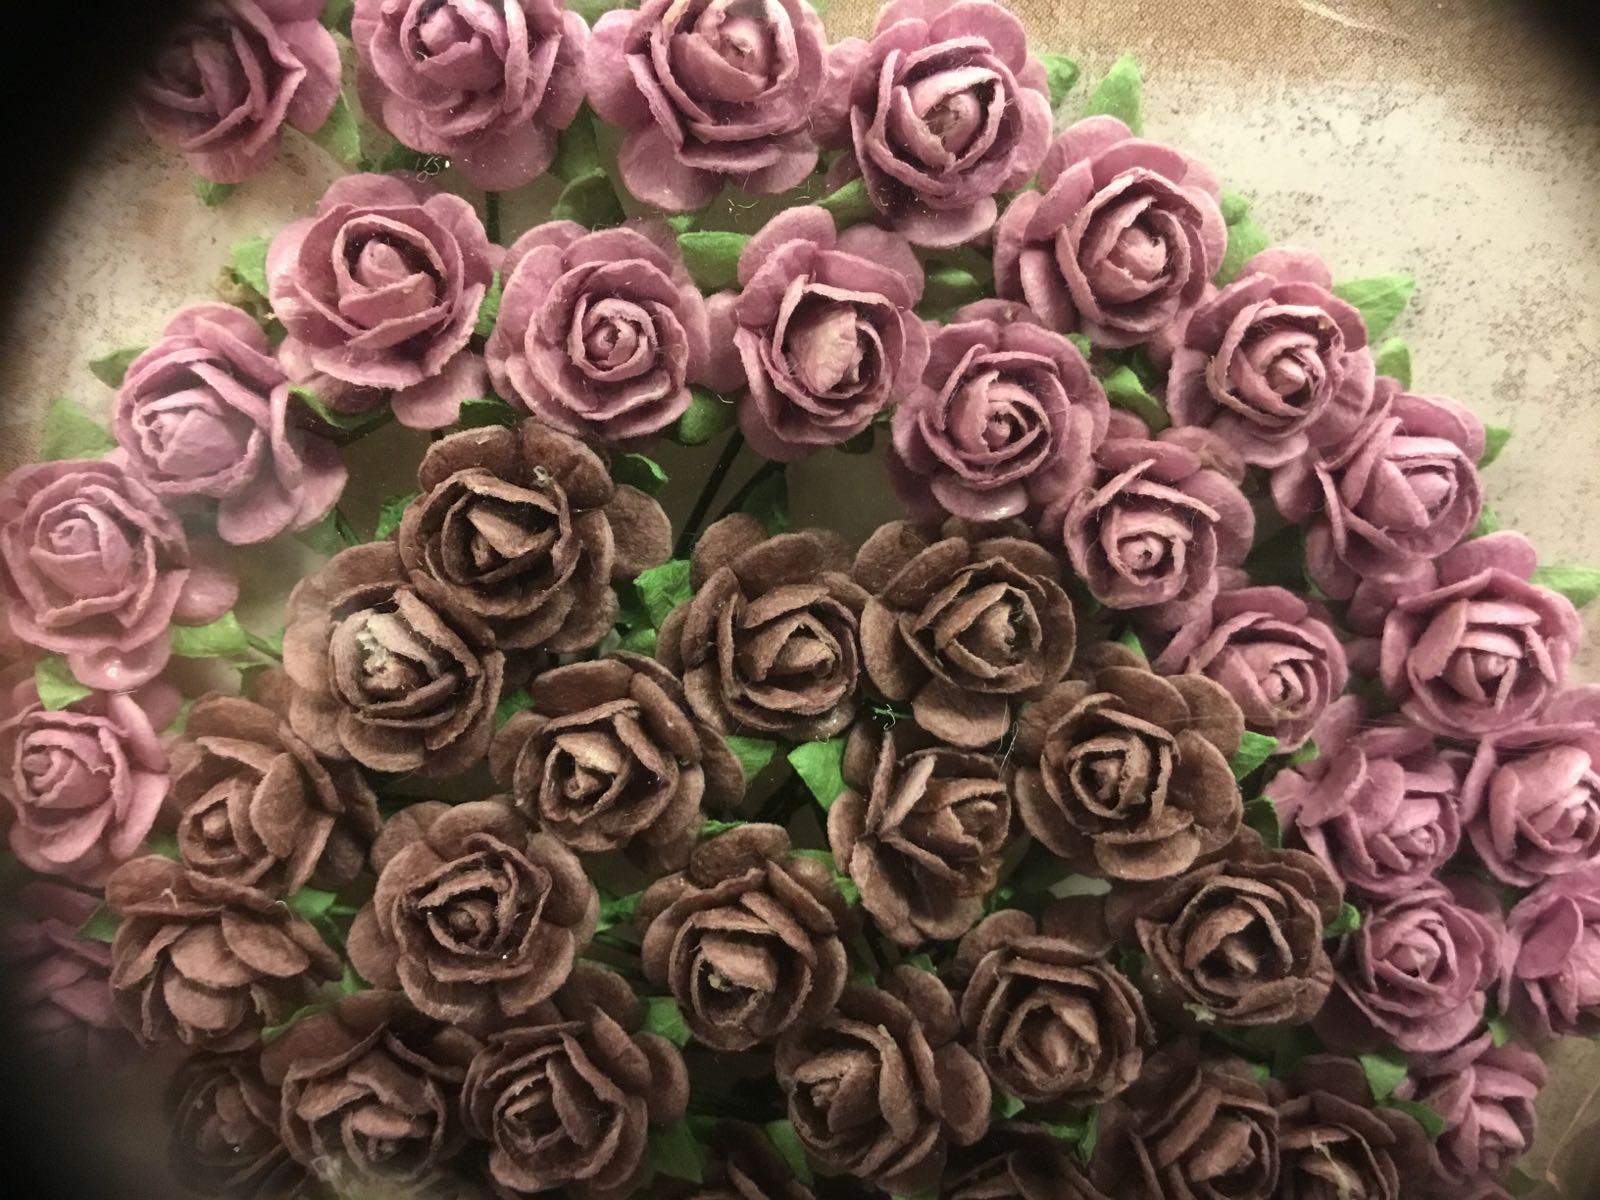 Papirdesign blomst vintage lilla og mørk rosa